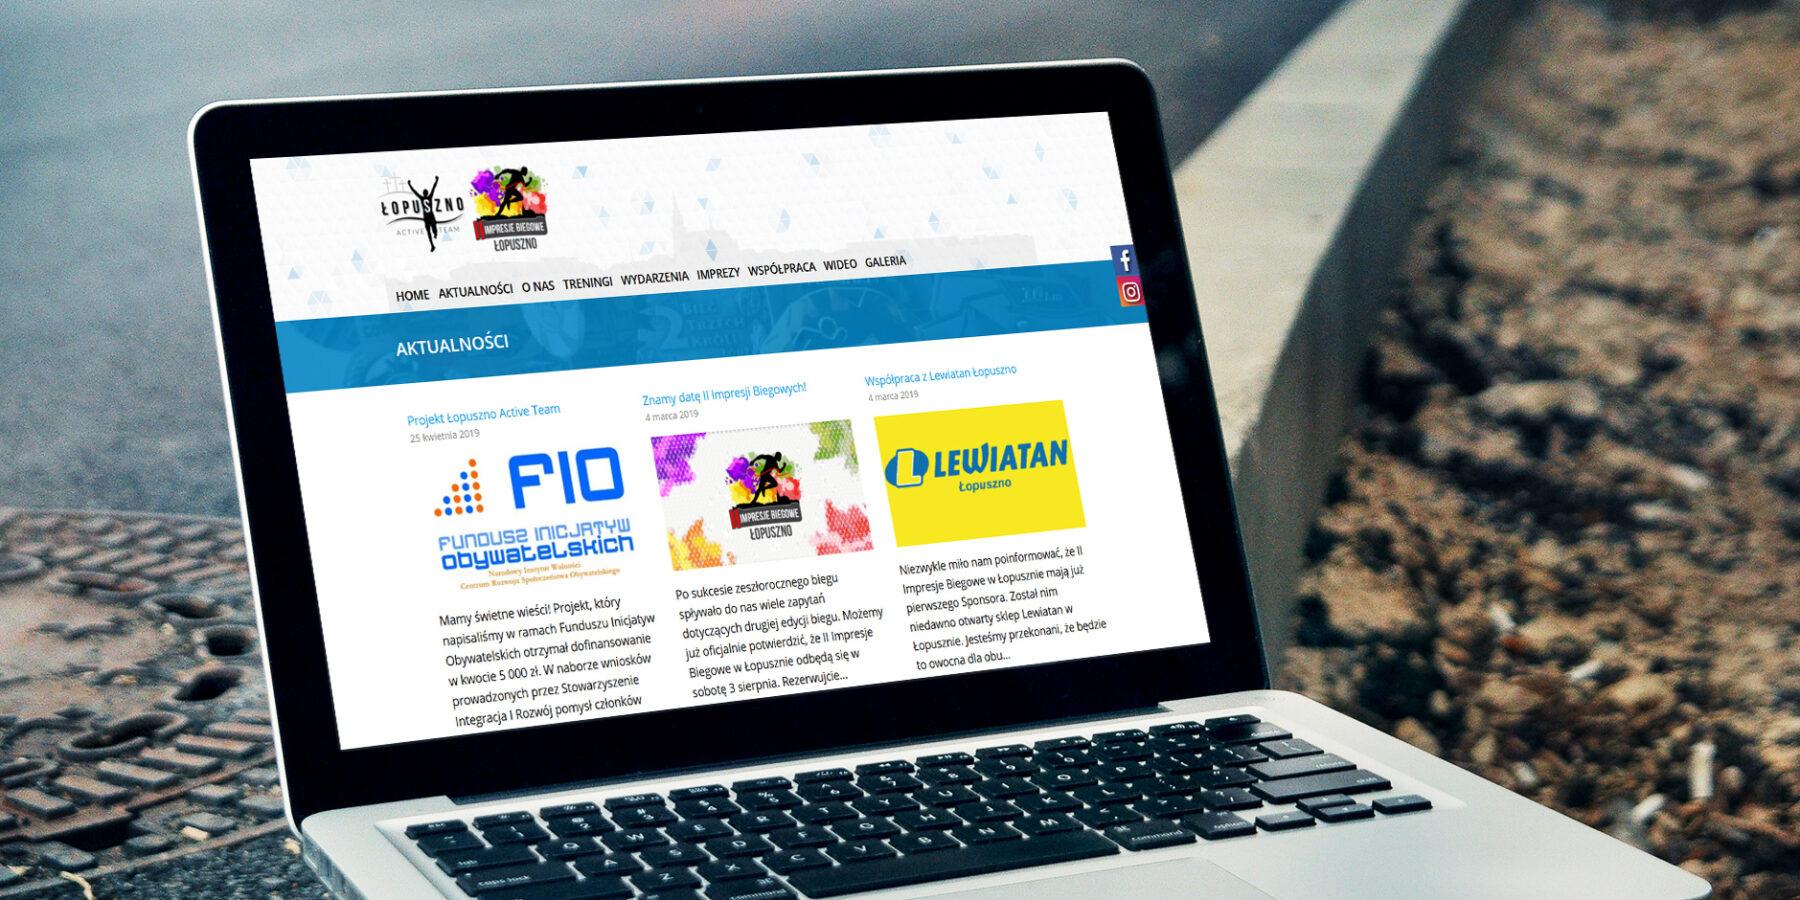 Projektowanie stron internetowych - strona www lopusznoactiveteam.pl - zdjęcie 3